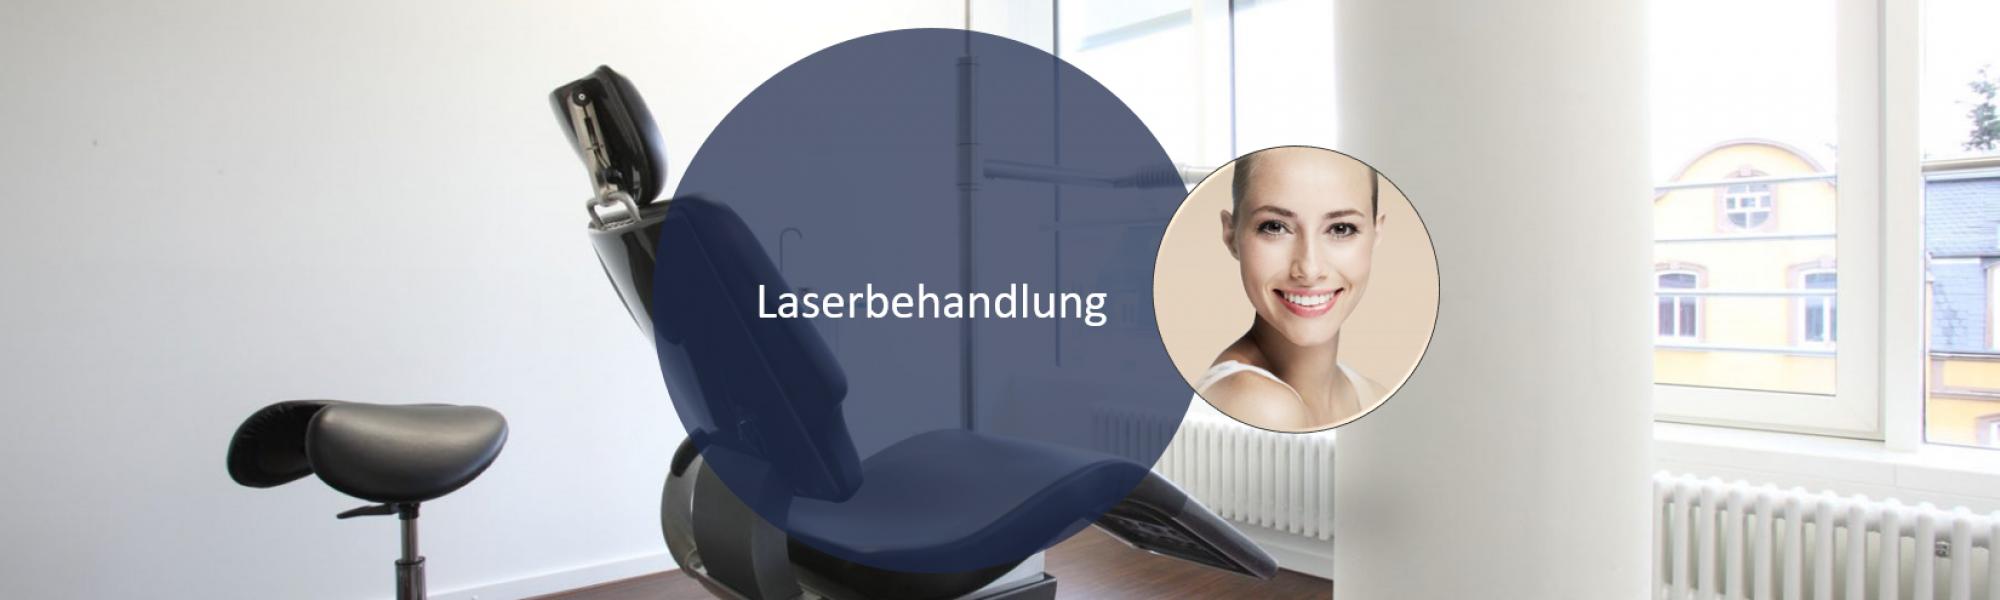 Laserbehandlung im Dental Centrum Bethanien bei Groisman & Laube